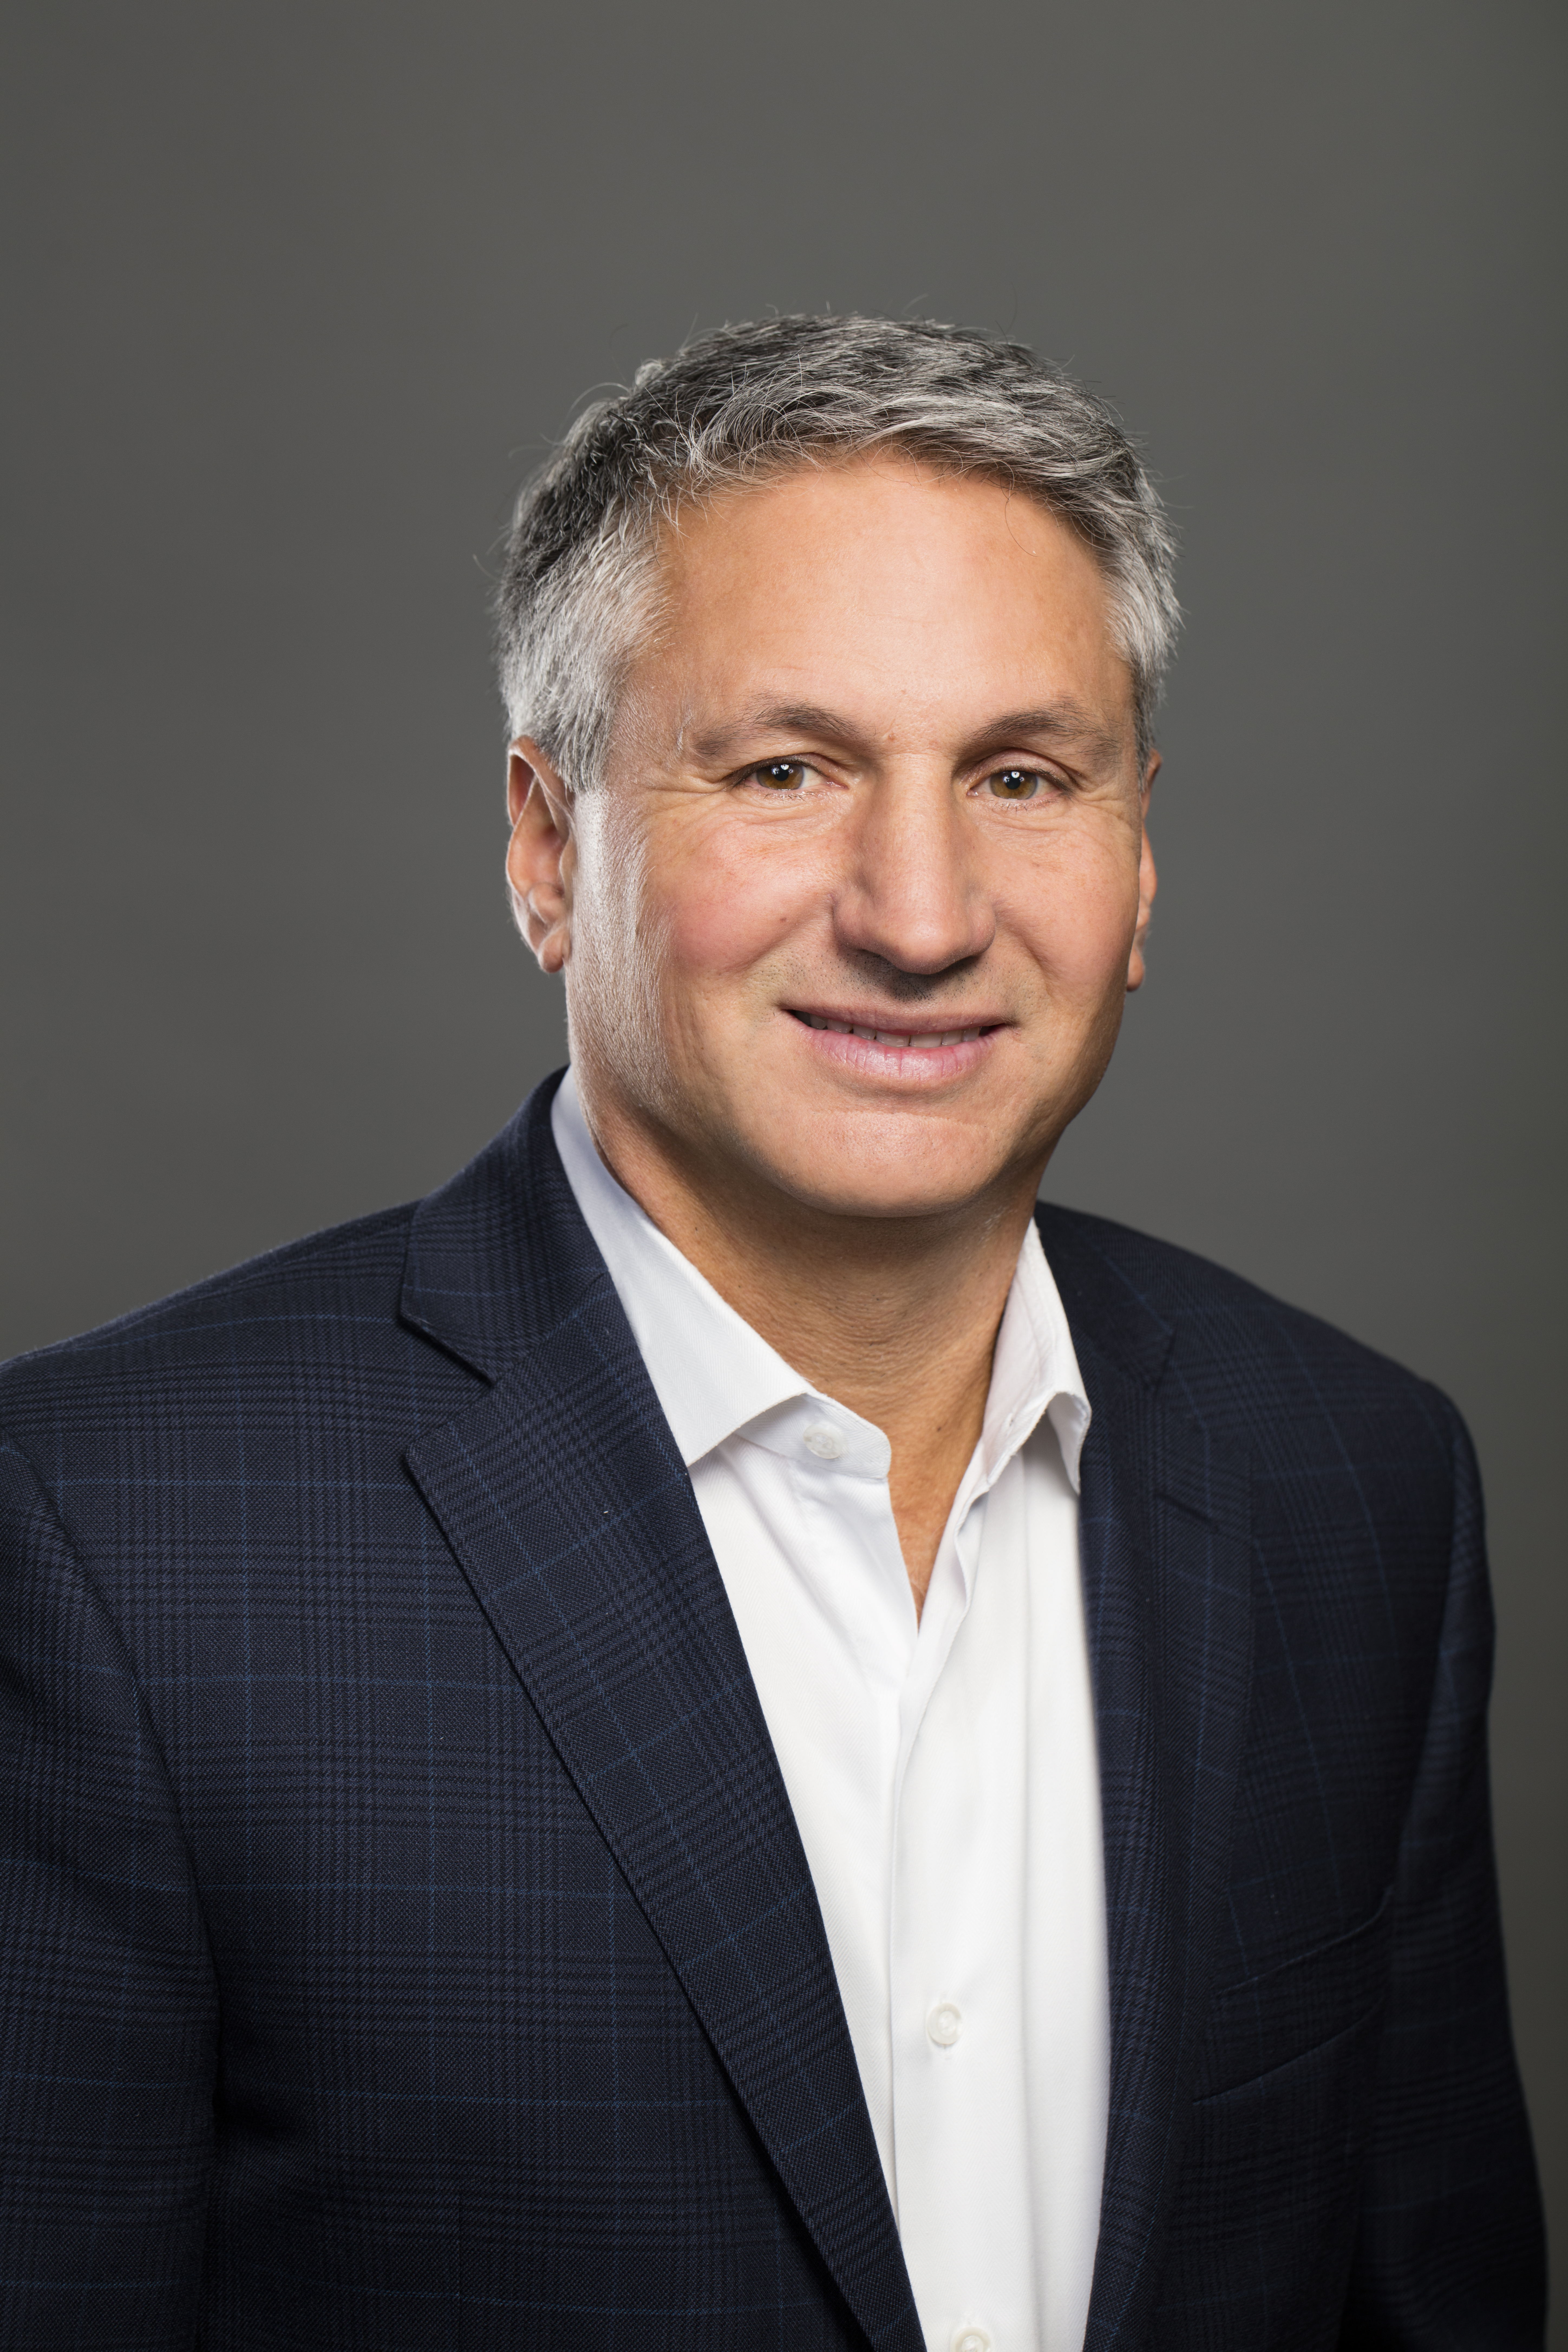 Jim Sabia